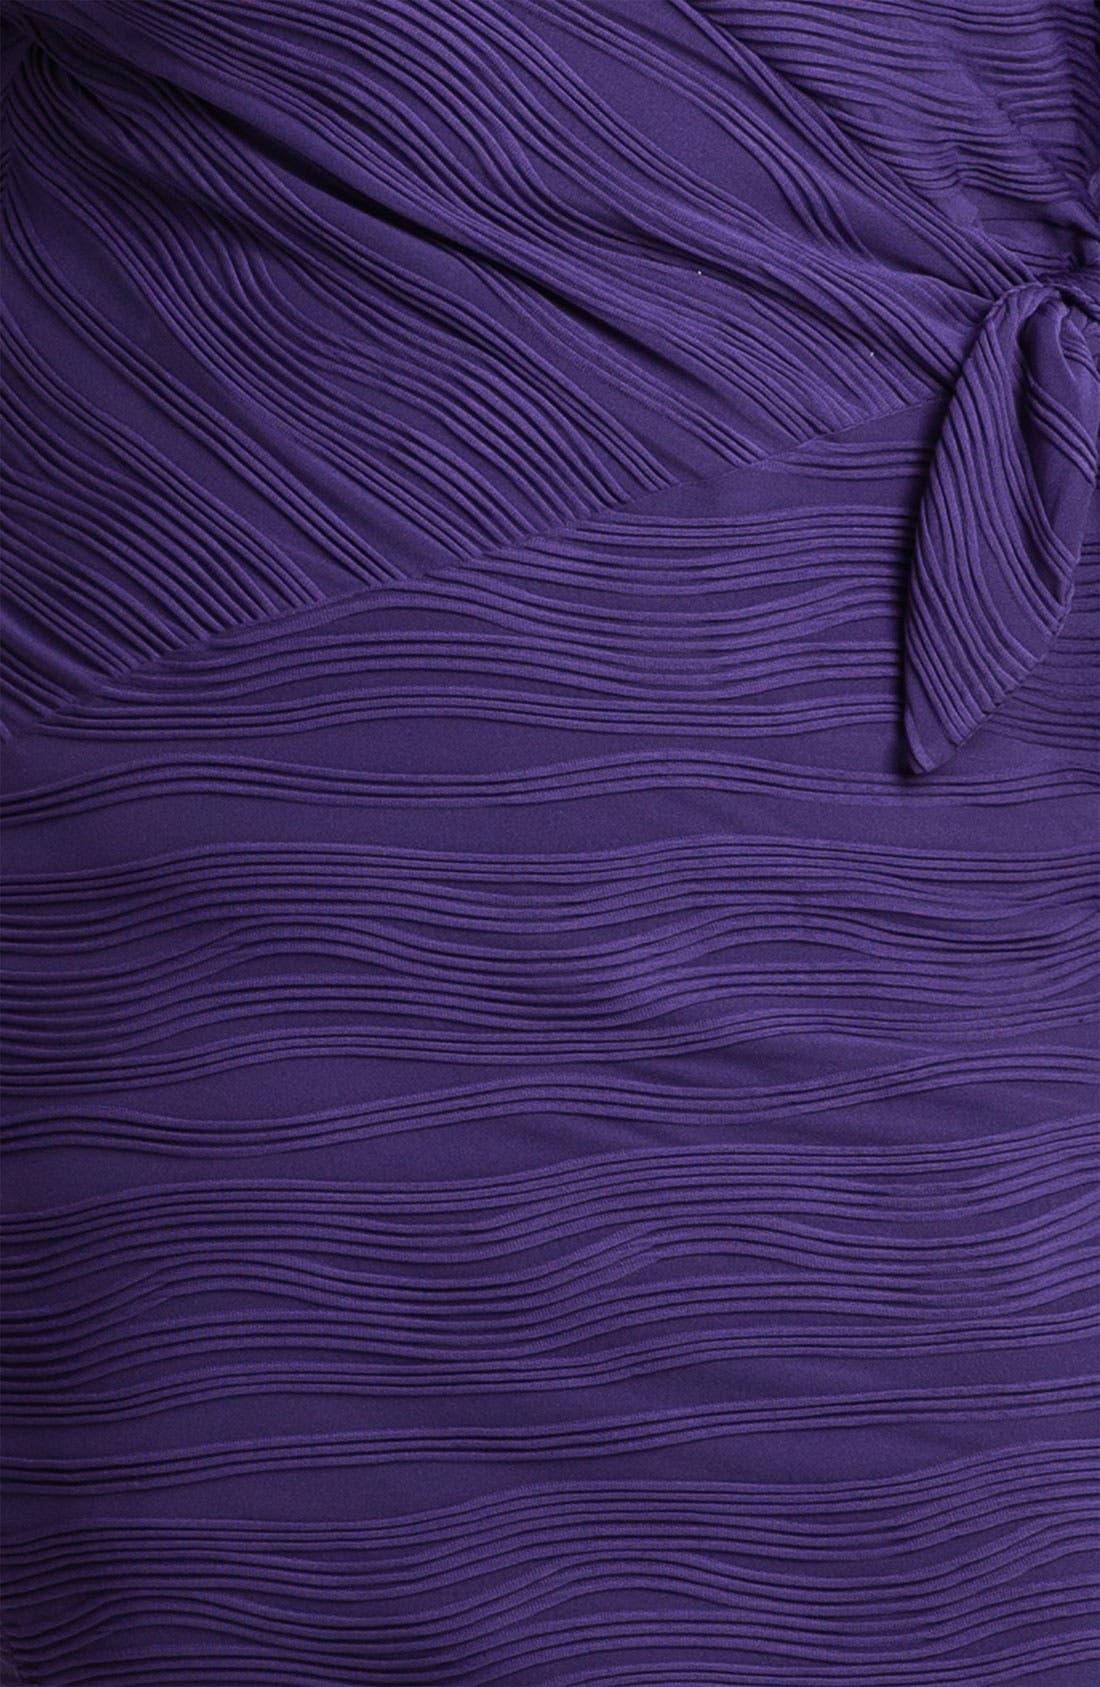 Alternate Image 3  - Calvin Klein Side Tie Textured Sheath Dress (Plus)